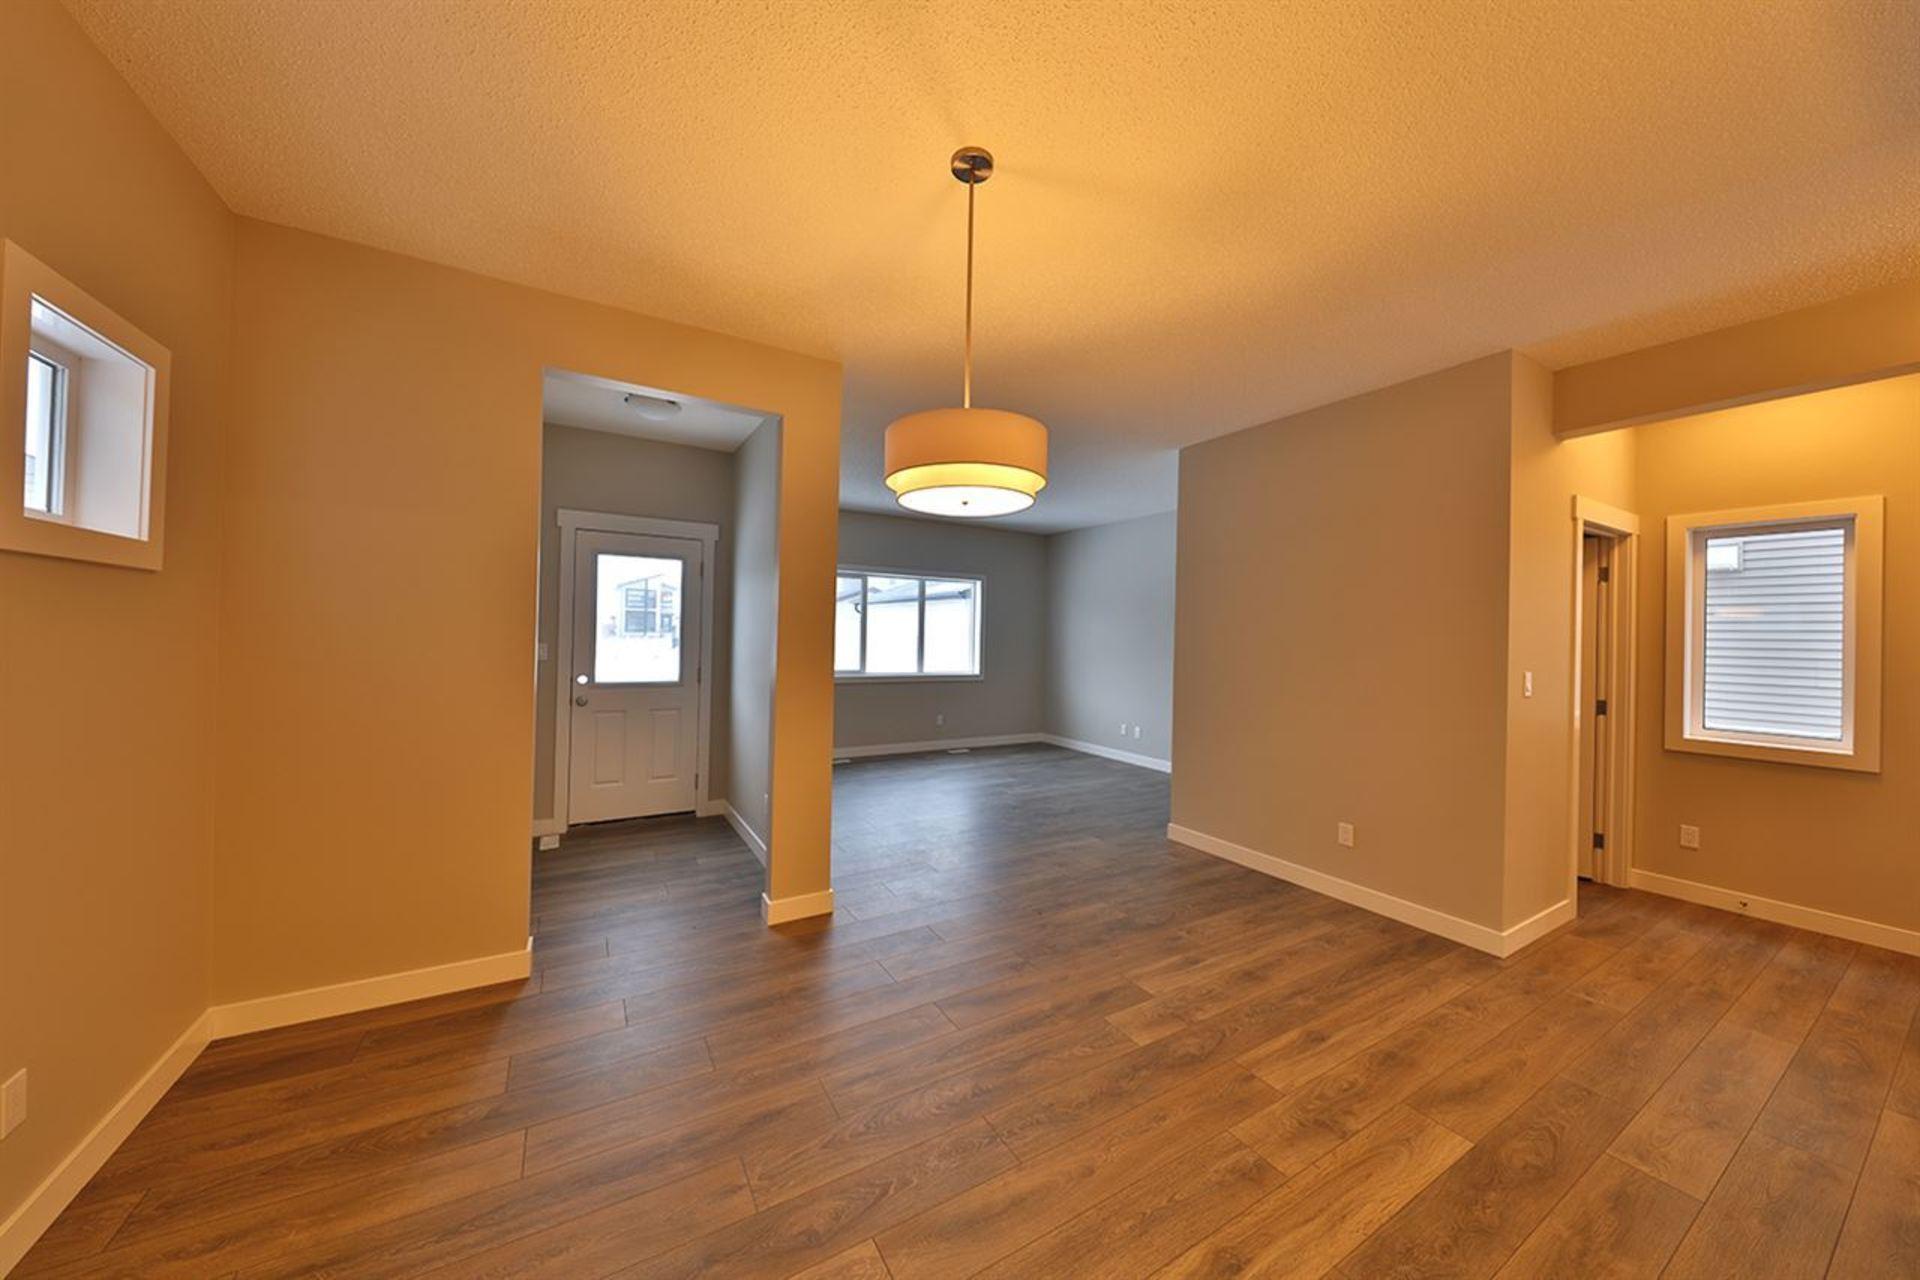 18119-76-street-crystallina-nera-west-edmonton-07 at 18119 76 Street, Crystallina Nera West, Edmonton